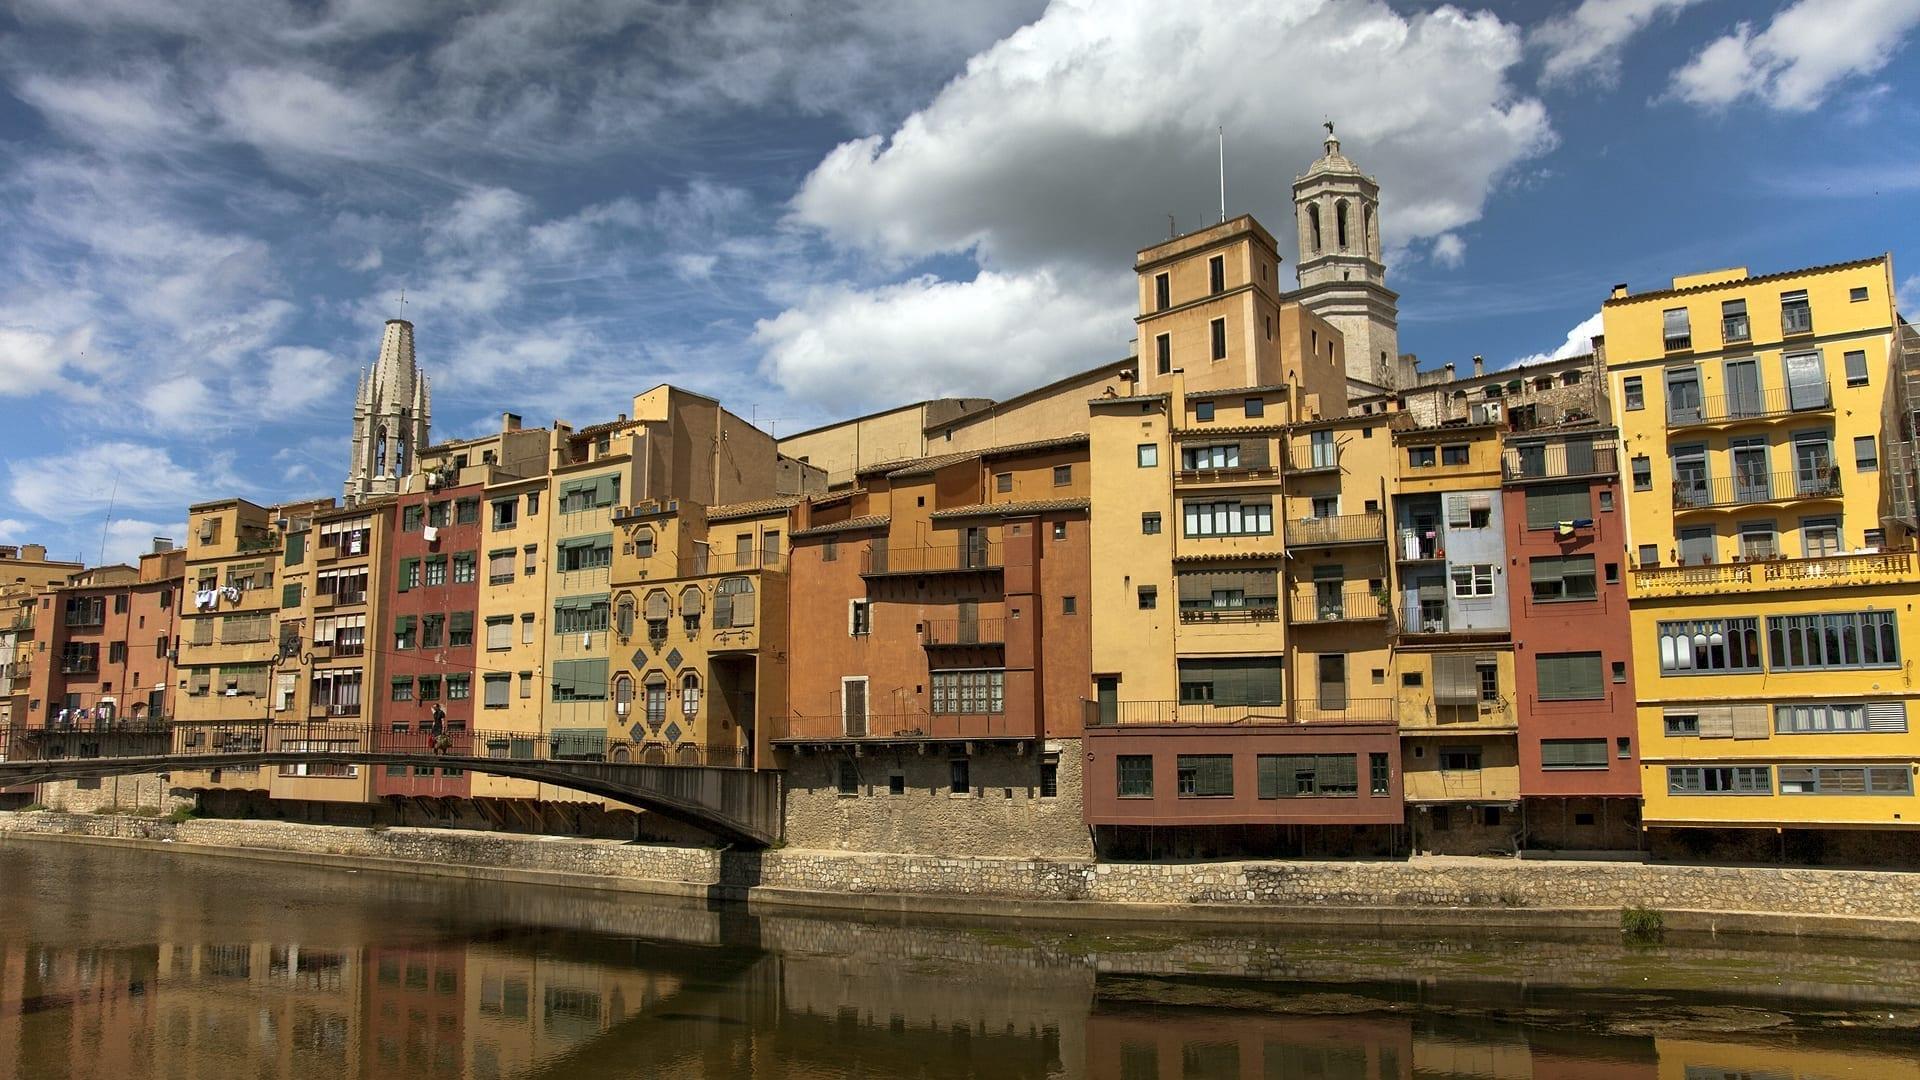 Casas de colores que cuelgan sobre el río Onyar Girona España